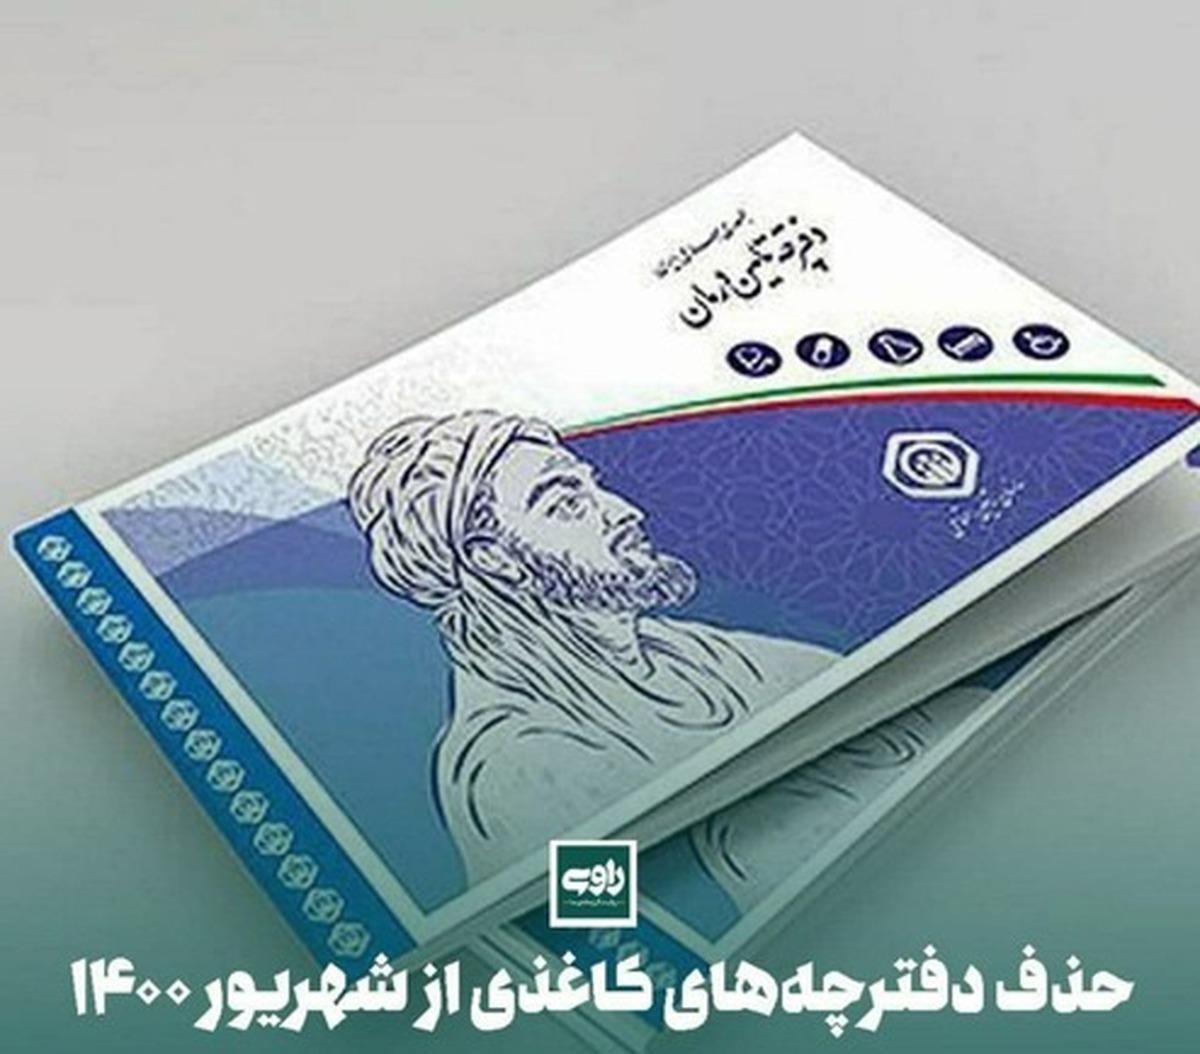 حذف دفترچههای کاغذی از شهریور ۱۴۰۰